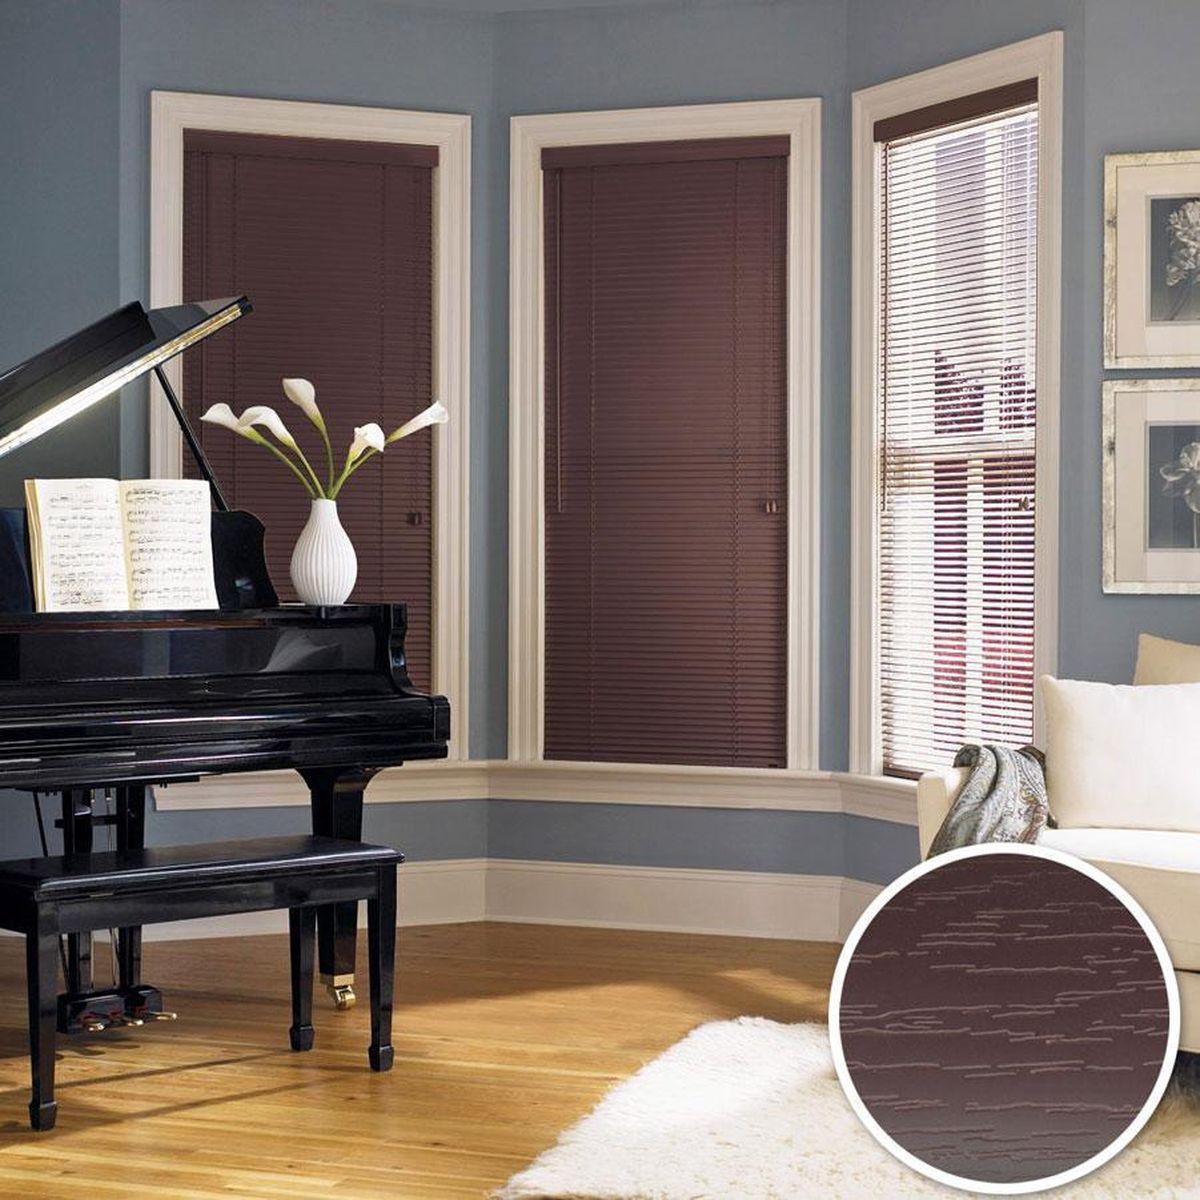 Жалюзи Эскар, горизонтальные, цвет: темный кофе, ширина 140 см, высота 160 см61211140160Для того чтобы придать интерьеру изюминку и завершенность, нет ничего лучше, чем использовать жалюзи на окнах квартиры, дома или офиса. С их помощью можно подчеркнуть индивидуальный вкус, а также стилевое оформление помещения. Помимо декоративных функций, жалюзи выполняют и практические задачи: они защищают от излишнего солнечного света, не дают помещению нагреваться, а также создают уют в темное время суток.Пластиковые жалюзи - самое универсальное и недорогое решение для любого помещения. Купить их может каждый, а широкий выбор размеров под самые популярные габариты сделает покупку простой и удобной. Пластиковые жалюзи имеют высокие эксплуатационные характеристики - они гигиеничны, что делает их незаменимыми при монтаже в детских и медицинских учреждениях.